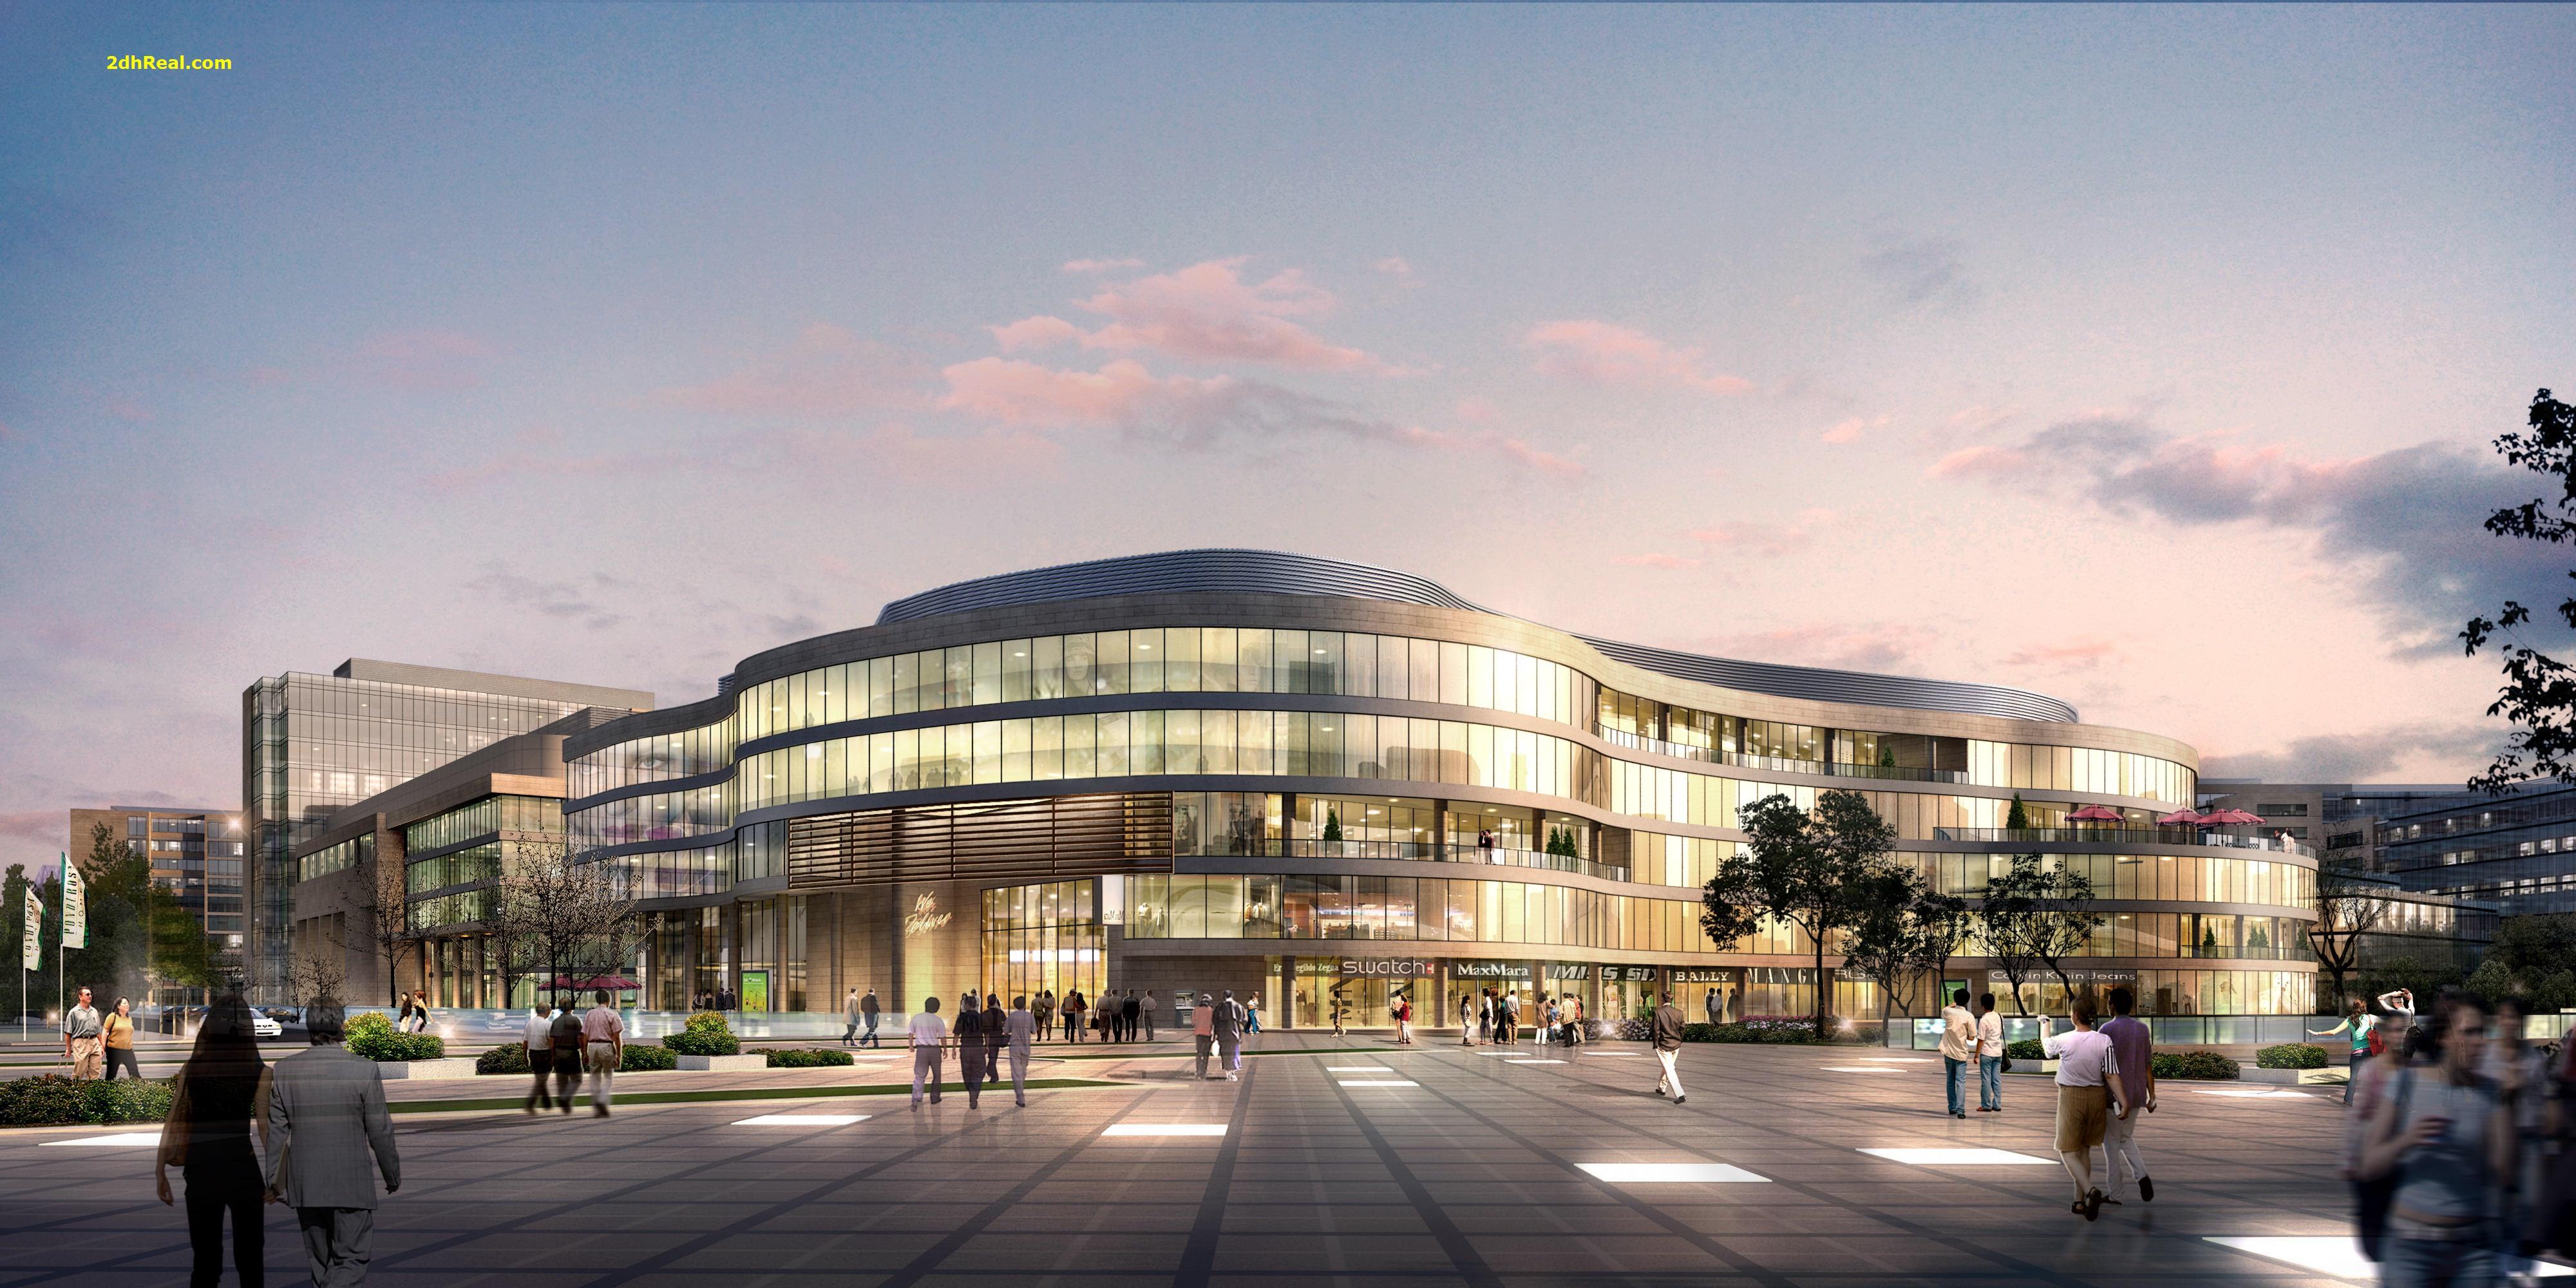 Bán trung tâm thương mại thuộc phường Bến Nghé, Quận 1